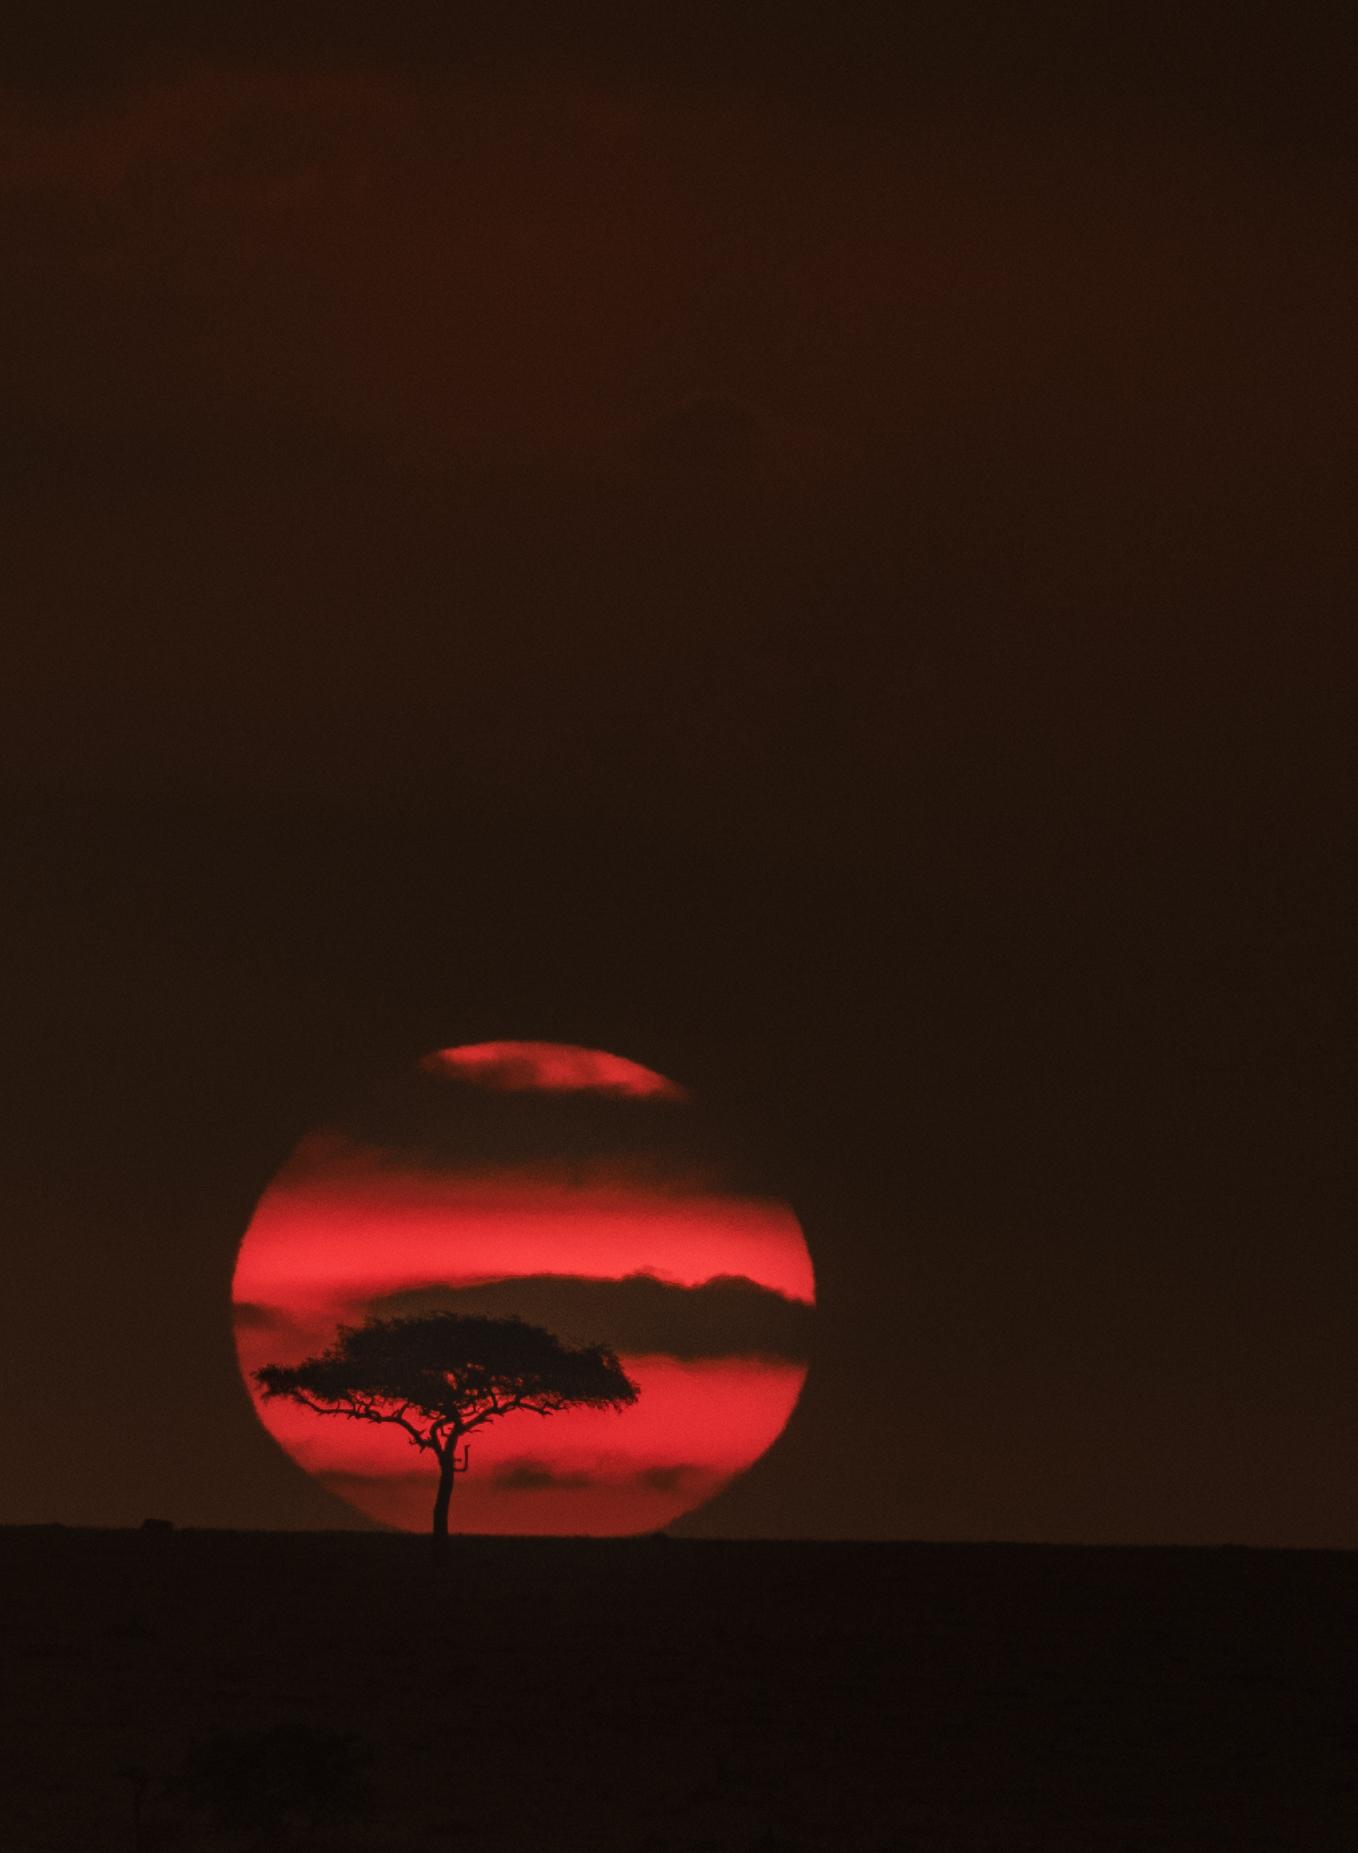 sunrise tree-1450